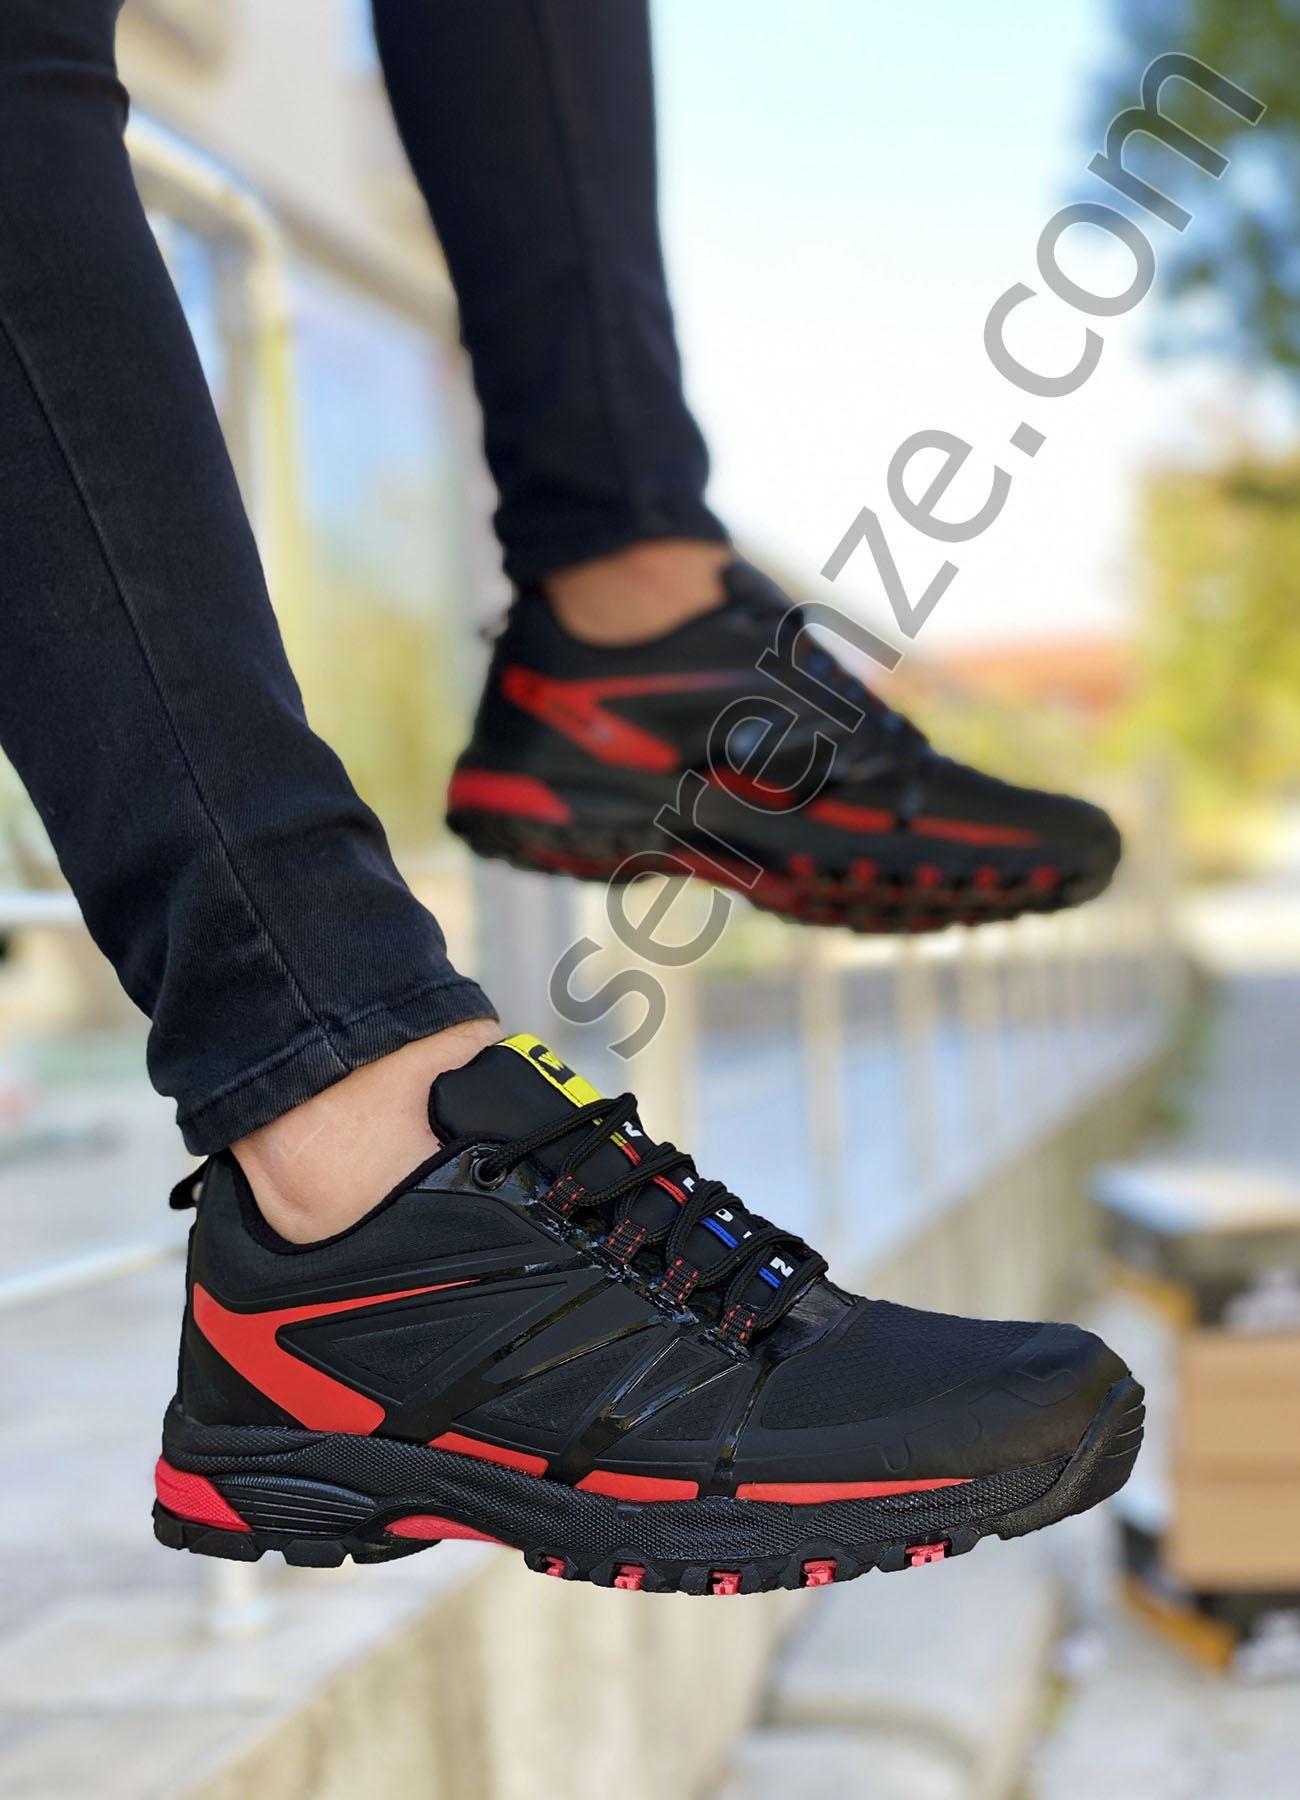 Kırmızı Detay Waterproff Erkek Trekking Ayakkabı